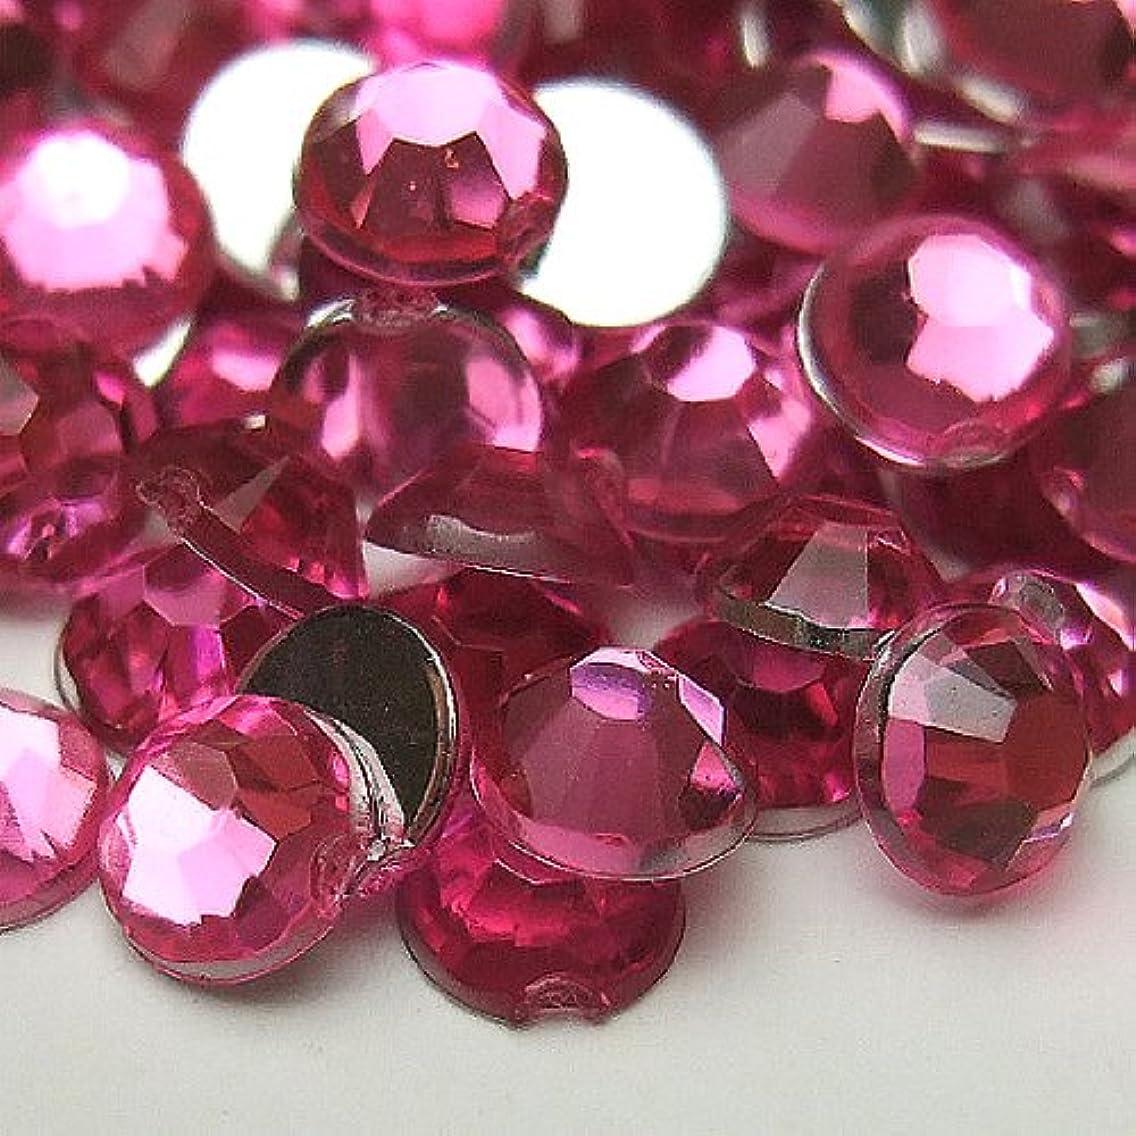 裂け目最後の母性高品質アクリルストーン ラインストーン 【4サイズセット】 合計約1500粒入り ピンク